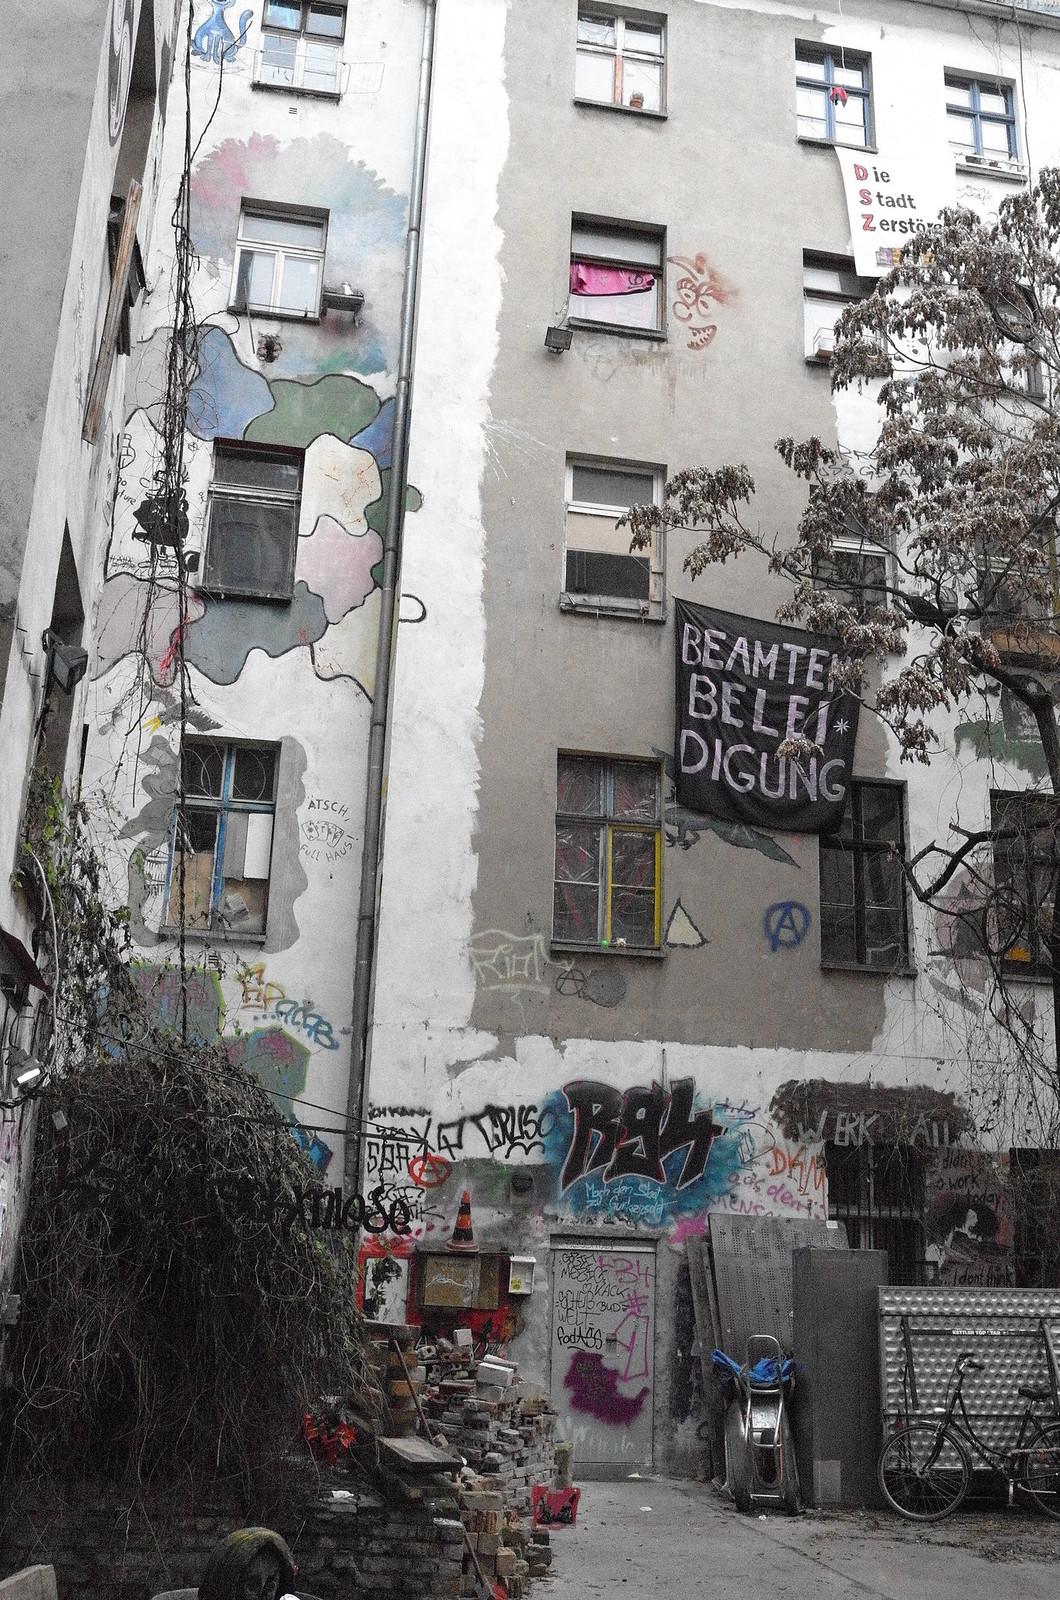 Berlin, the East Side